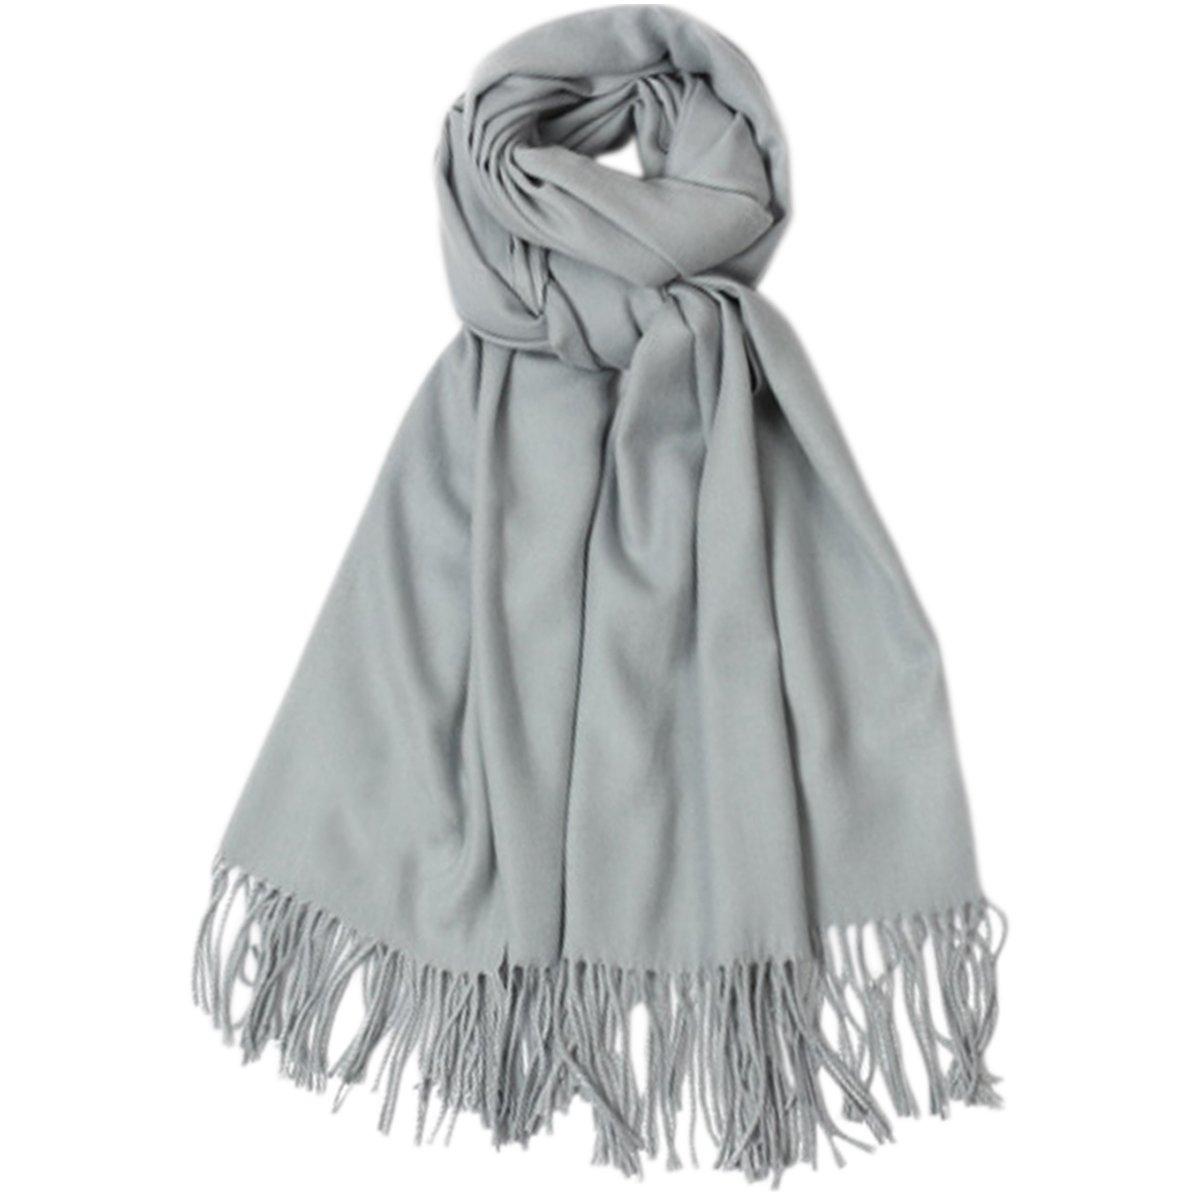 27c95511774 Top 10 wholesale Unique Shawls Wraps - Chinabrands.com